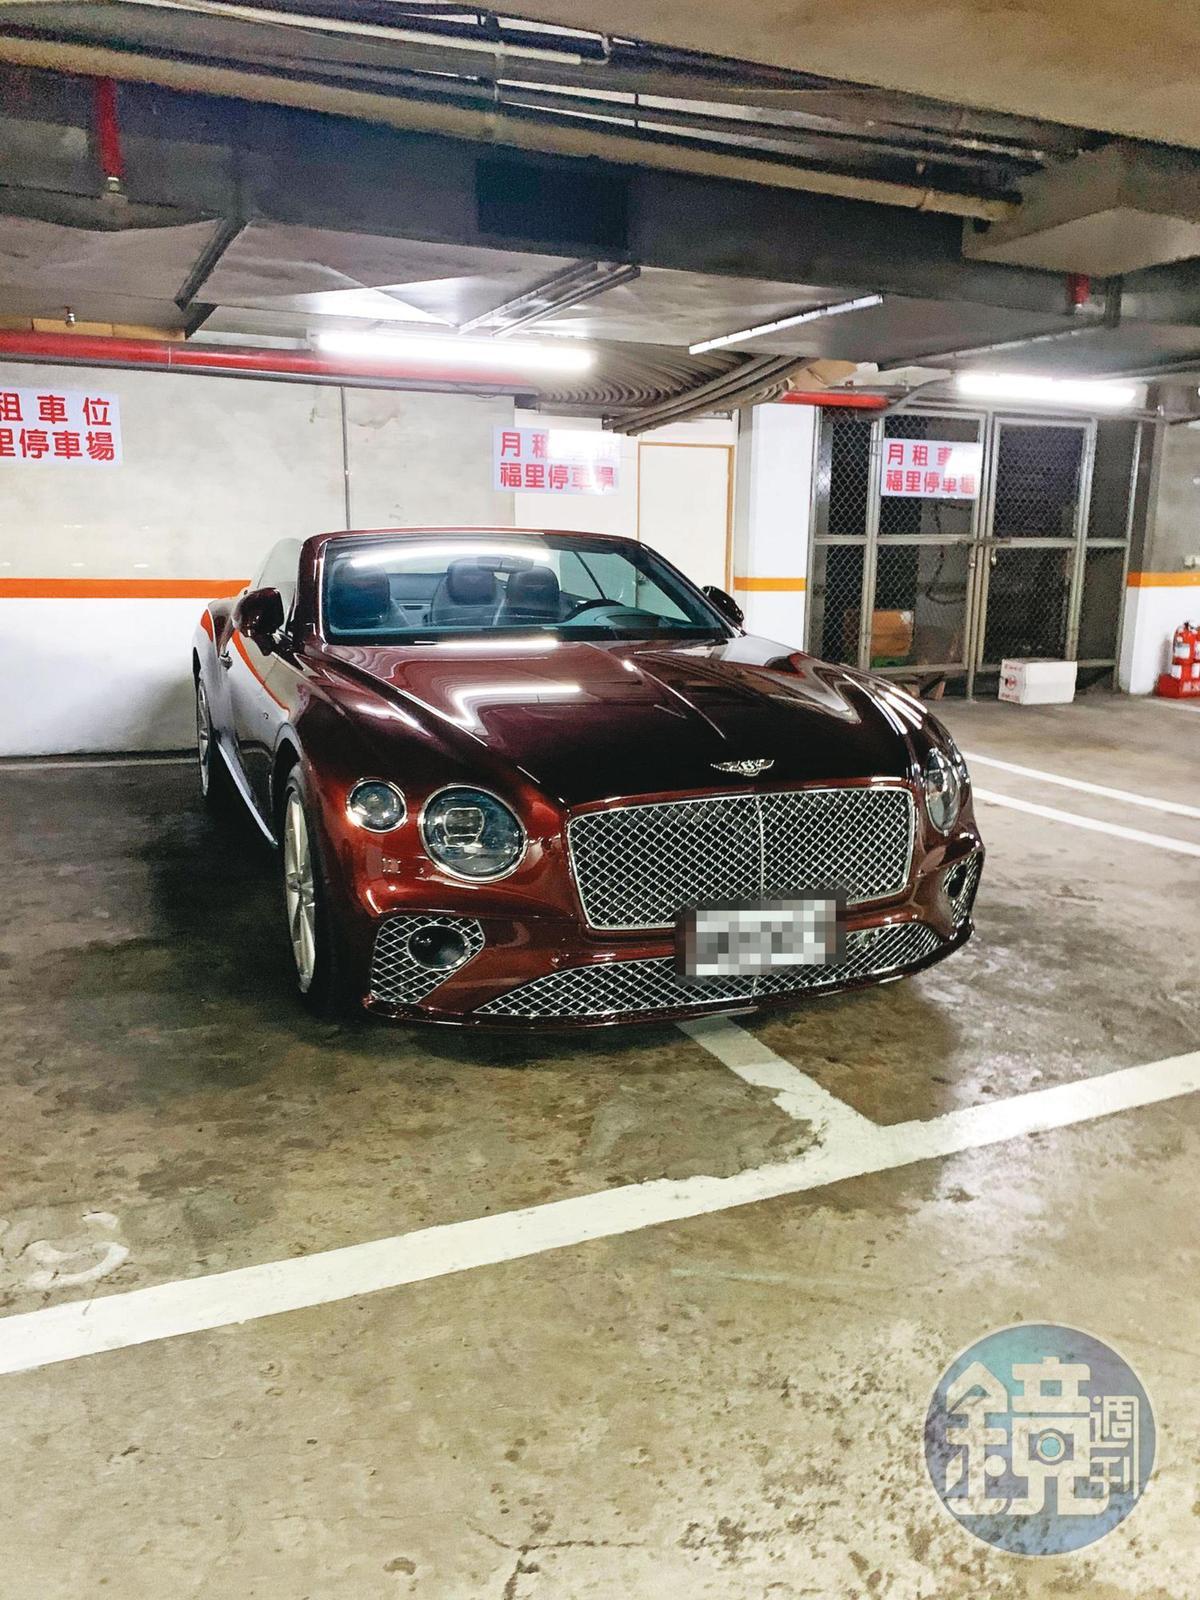 廖德修過世後不到2年,他的特助蕭琦晃即買了賓利Continental GT V8敞篷式等8輛名車,市值逾5千萬元,引發廖家質疑。(讀者提供)